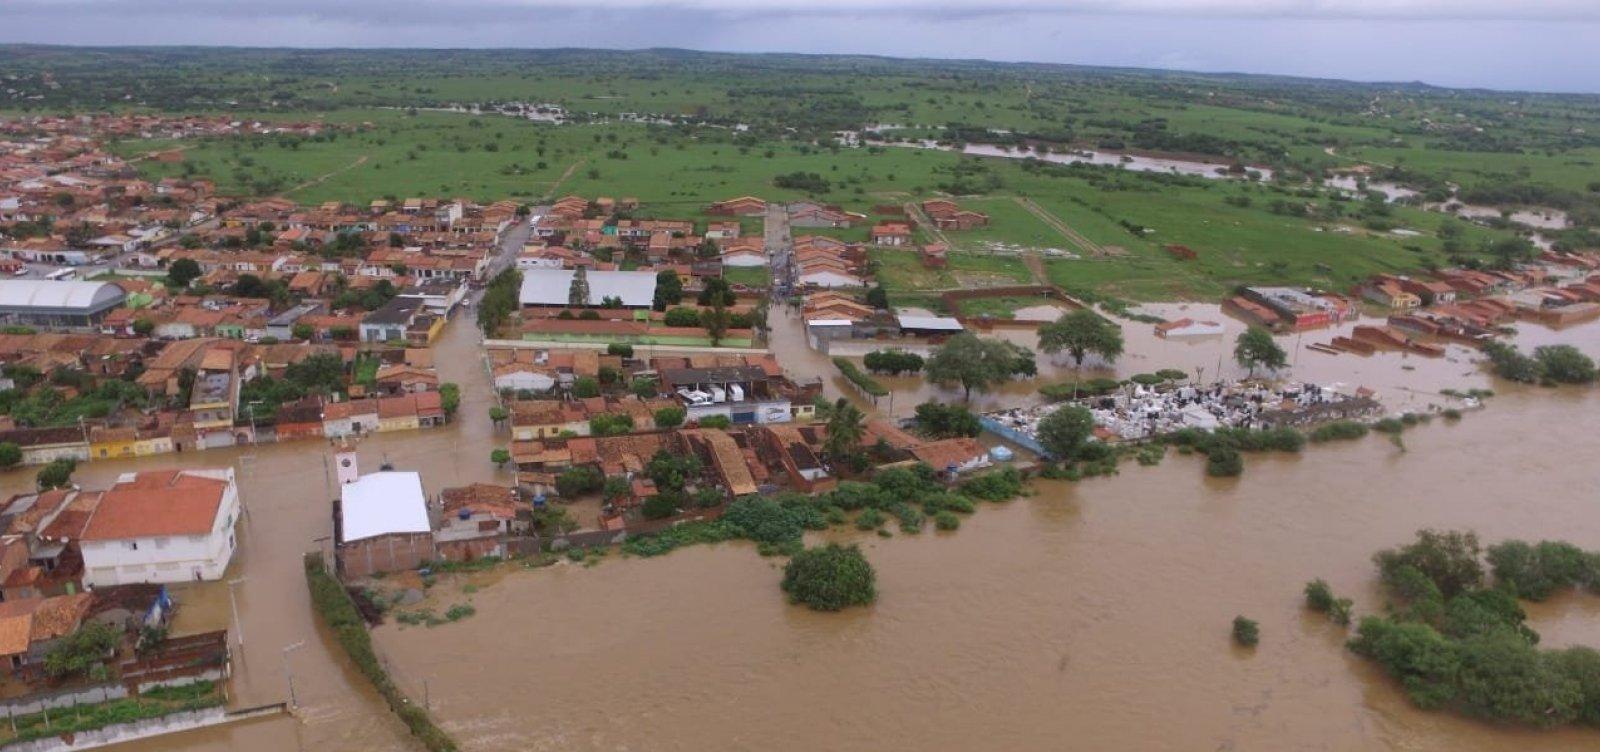 [Barragem se rompe e inunda povoado em Pedro Alexandre; veja vídeo]